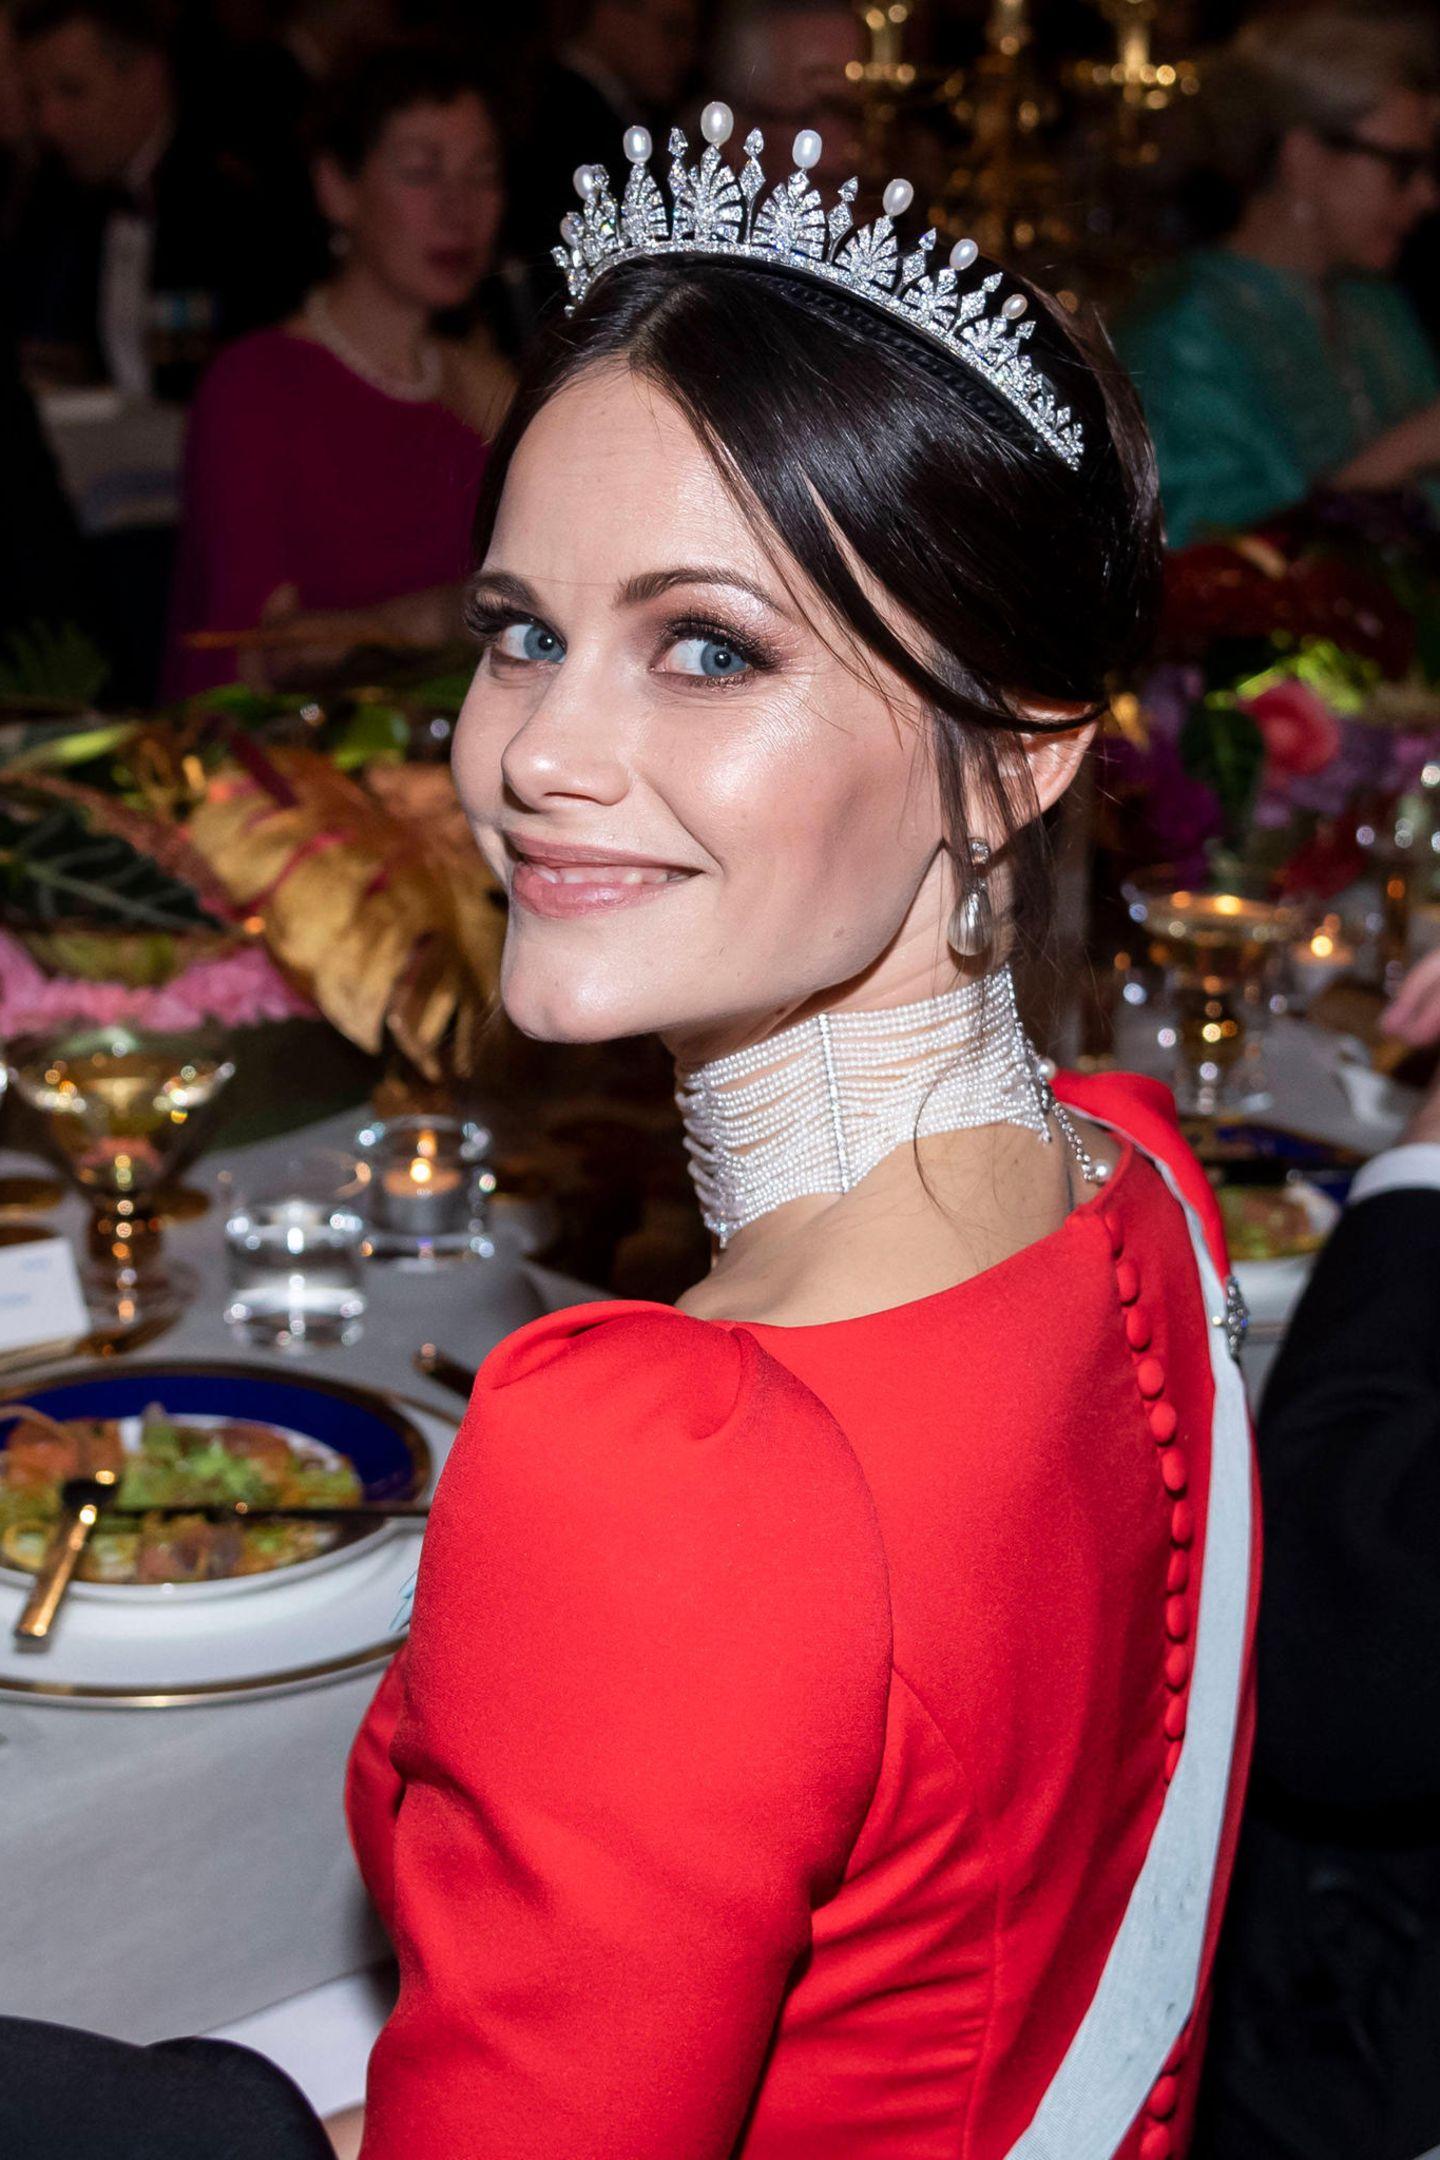 Die Schweden-Royals können so einige wunderschöne Hochkaräter ihr Eigen nennen. Auch dieses Schmuckstück gehört zu den Schätzen des Königshauses: eine funkelnde Tiara, diePrinzessin Sofiaanlässlich desNobel-Banketts im Rathaus in Stockholm trägt. Der Hochkaräter scheint zu ihren Lieblingen zu gehören, denn Sofia trägt das Diadem nicht nur zu ihrer Hochzeit mit Prinz Carl Philip im Jahr 2015, sondern auch zu anderen wichtigen Staatsbanketts.